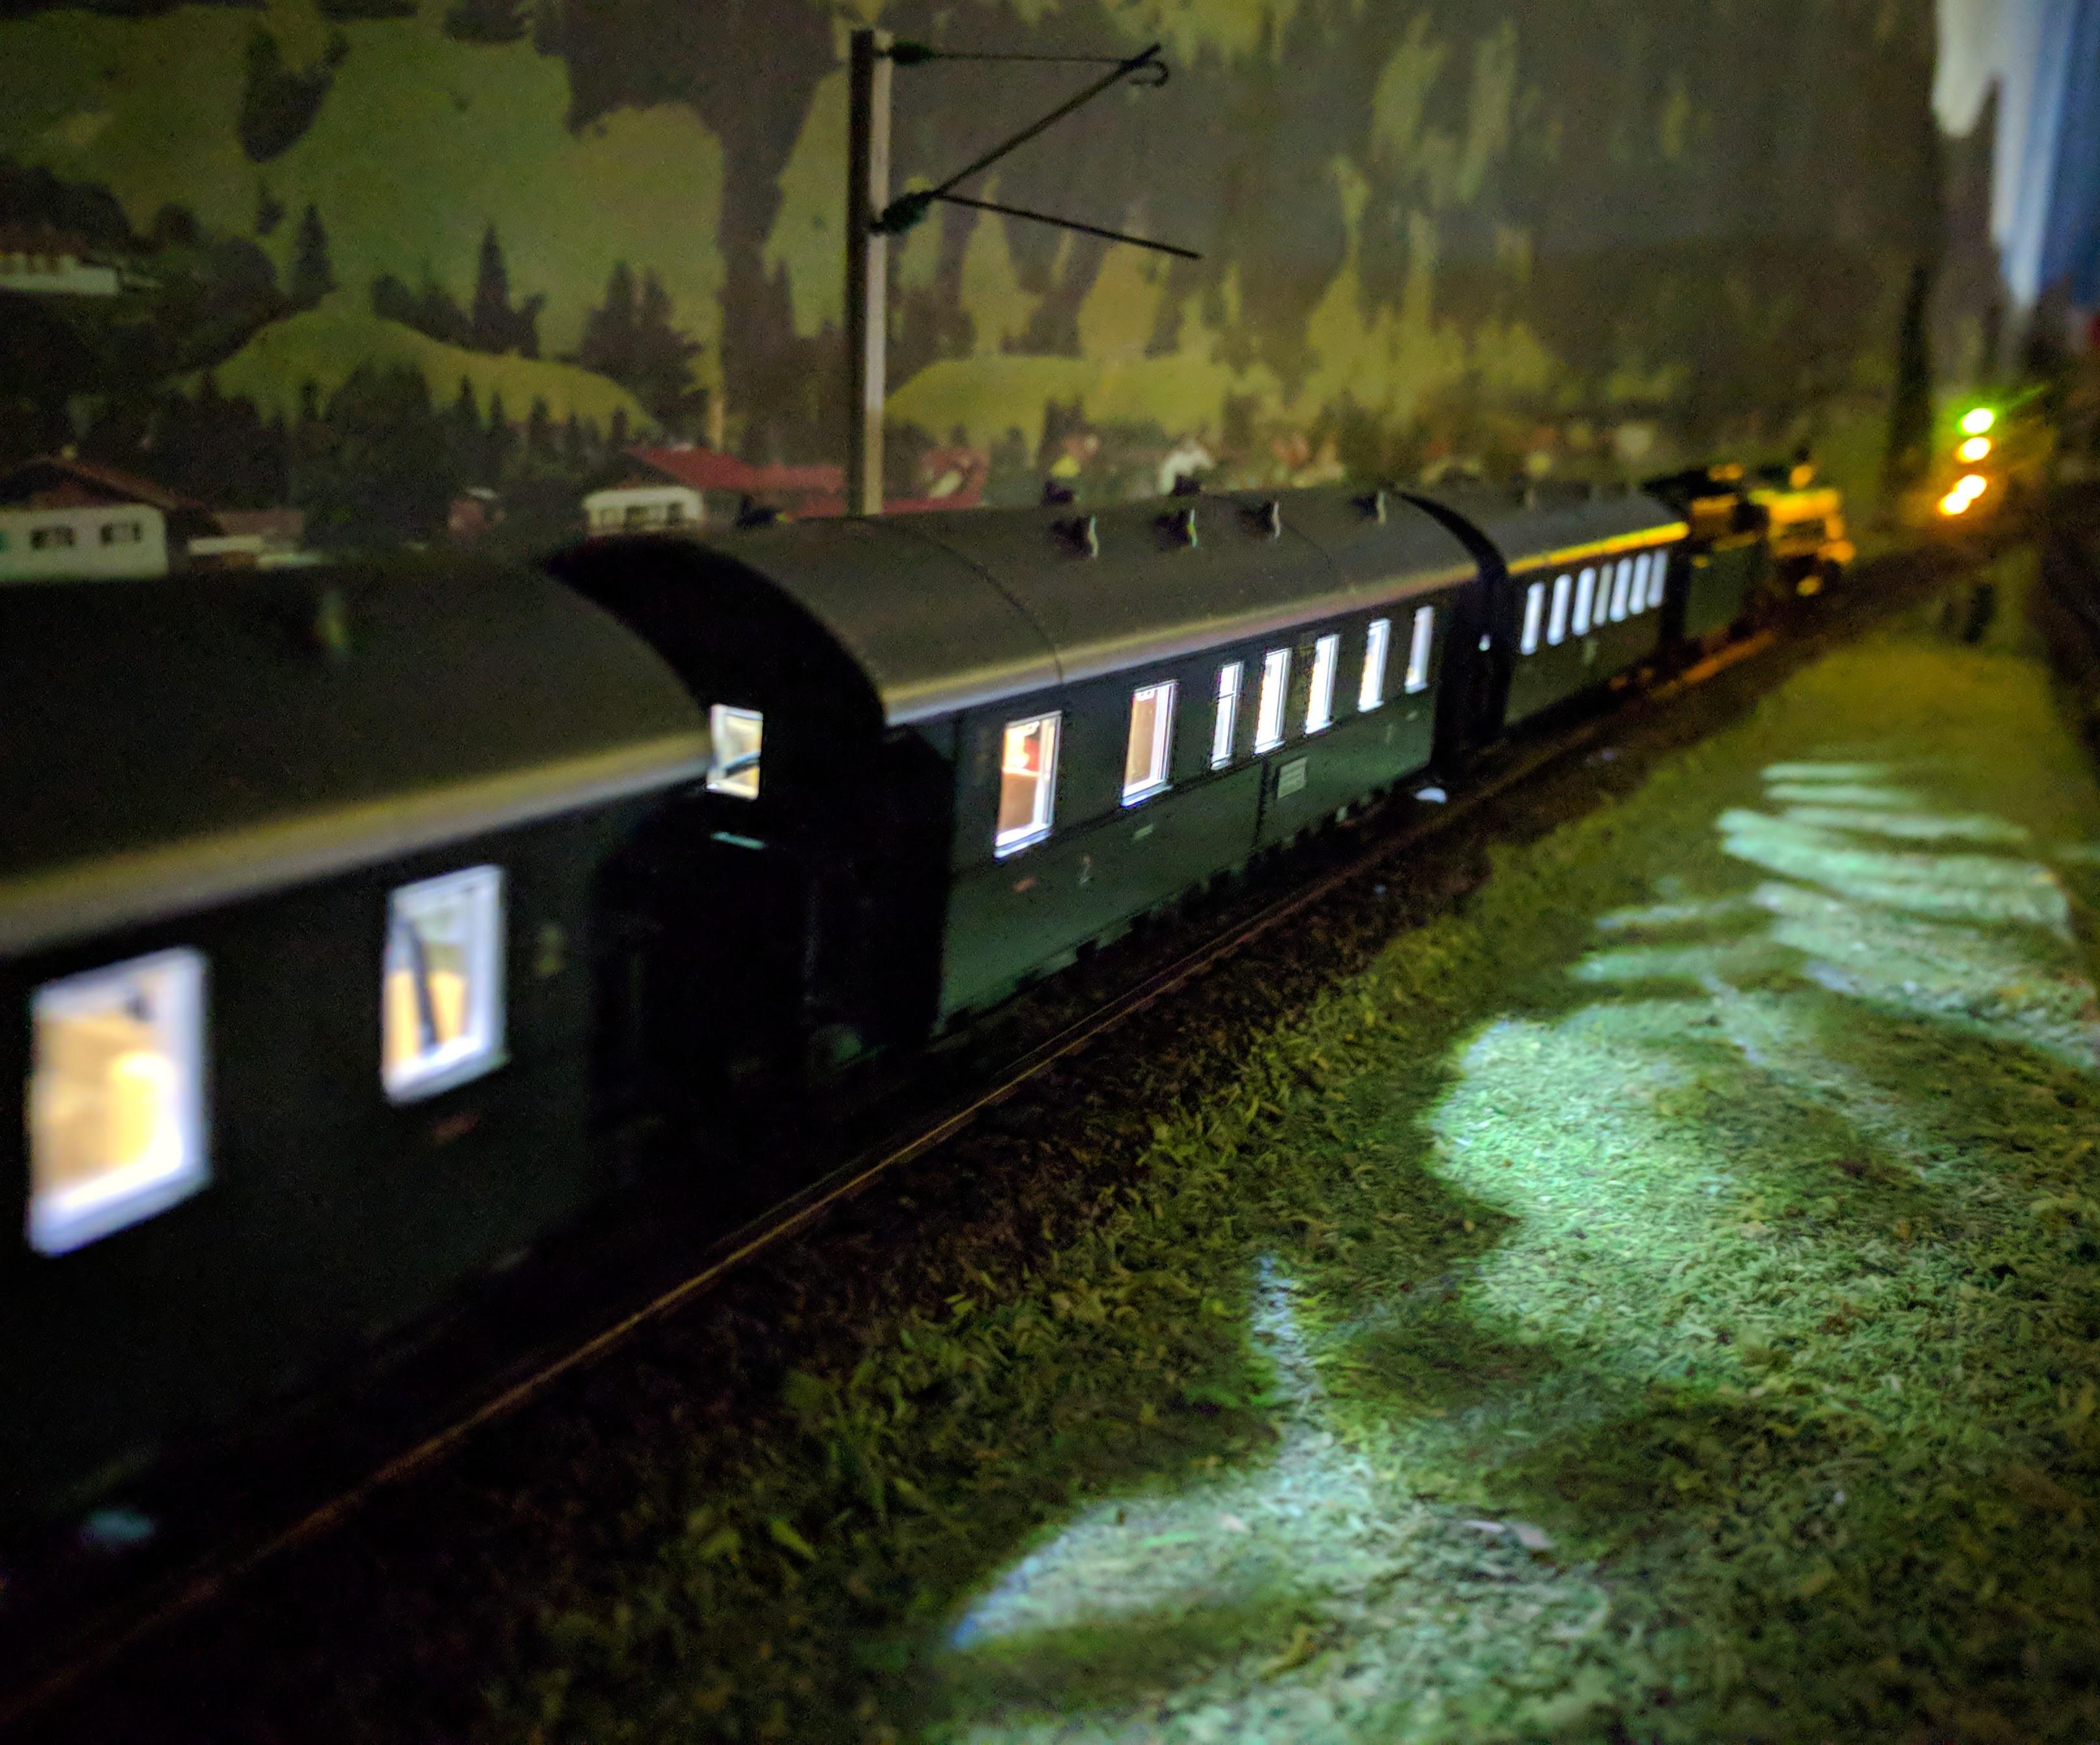 illuminated train